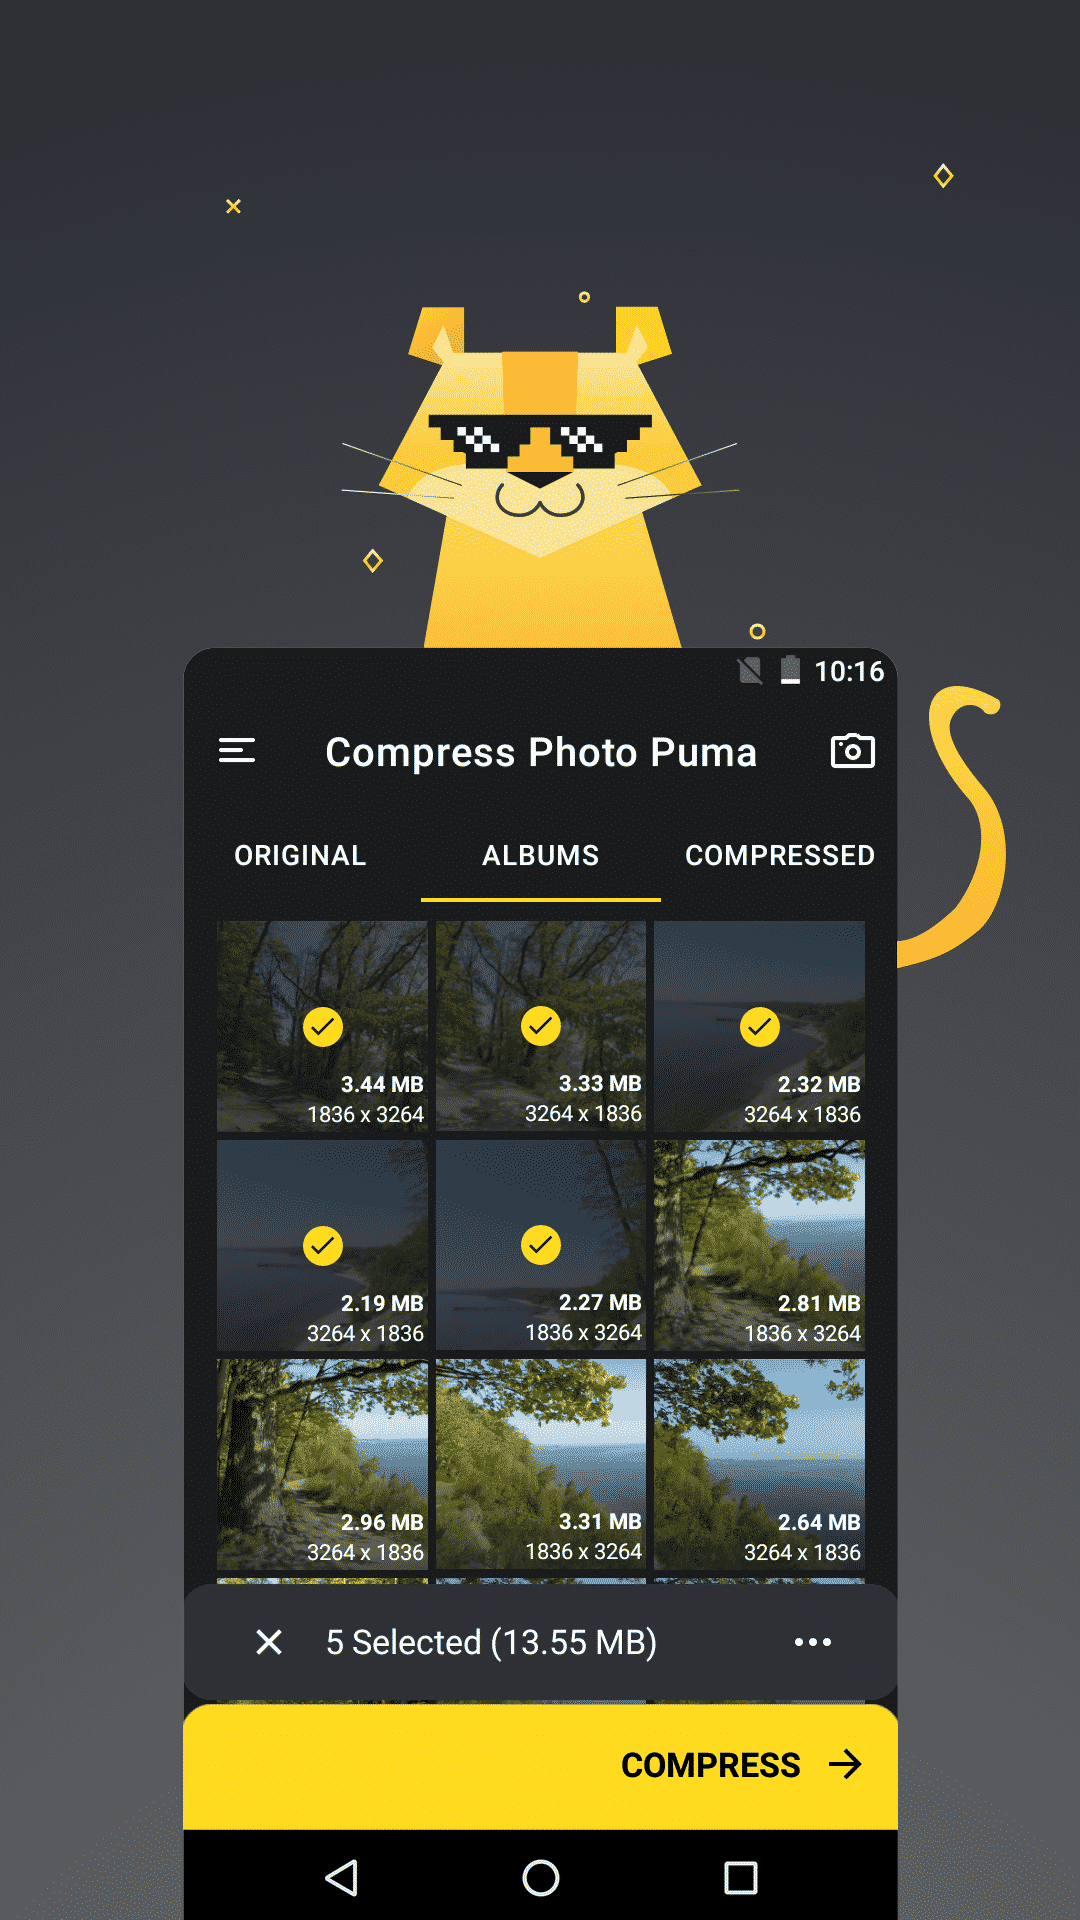 Puma-Image-Compressor